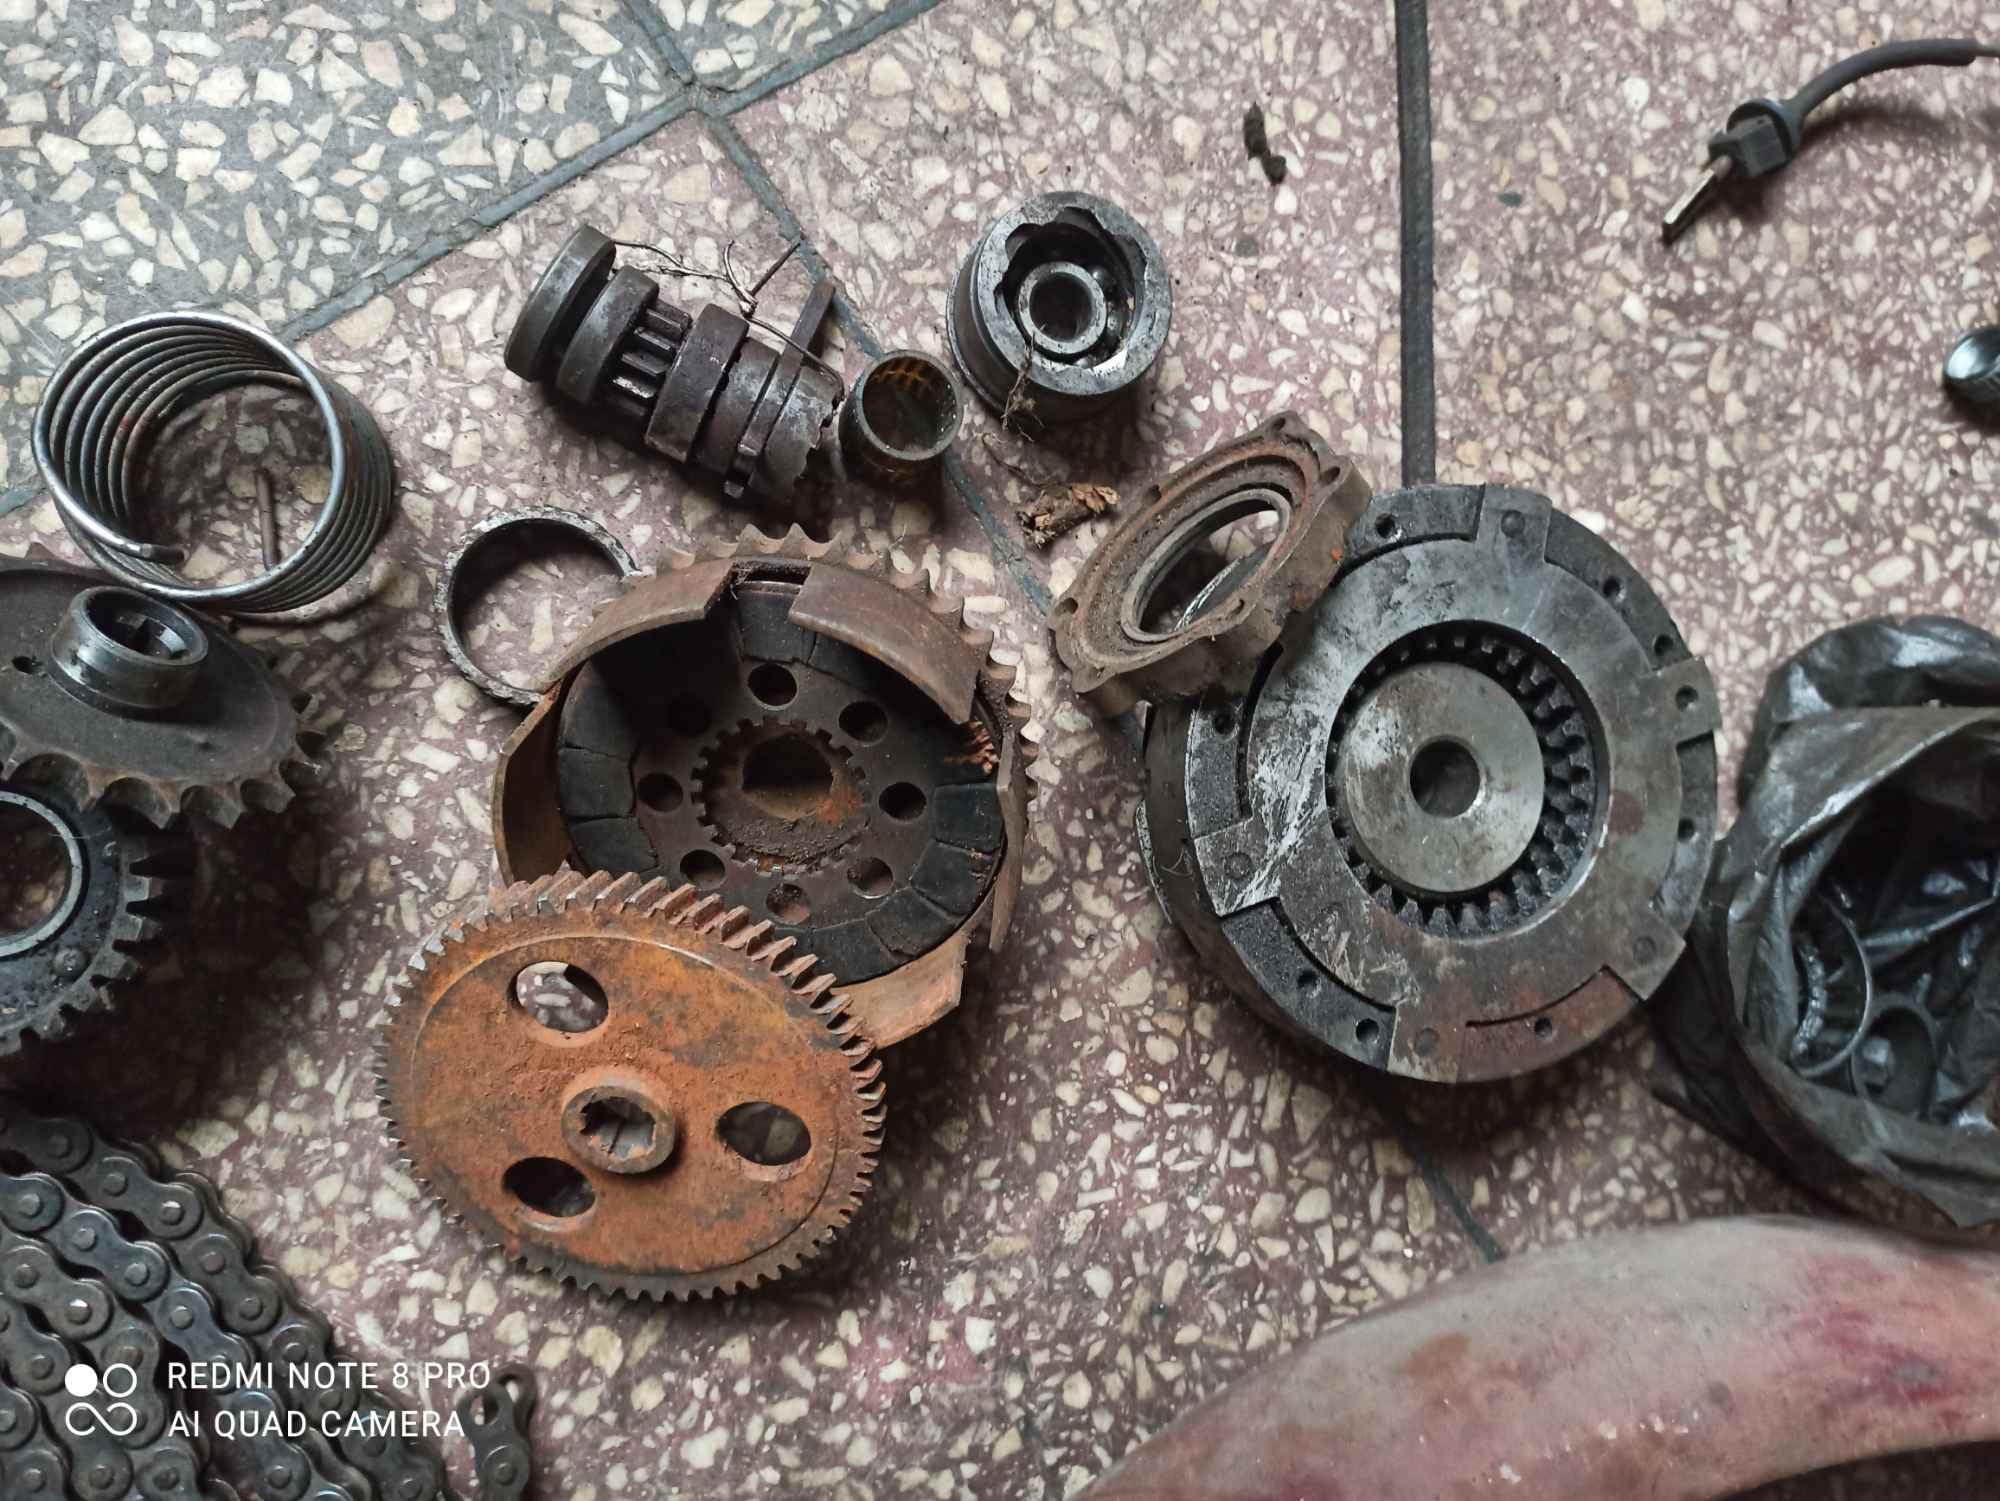 WSK  i inne części do motocykli Prl-zestaw! Częstochowa - zdjęcie 5